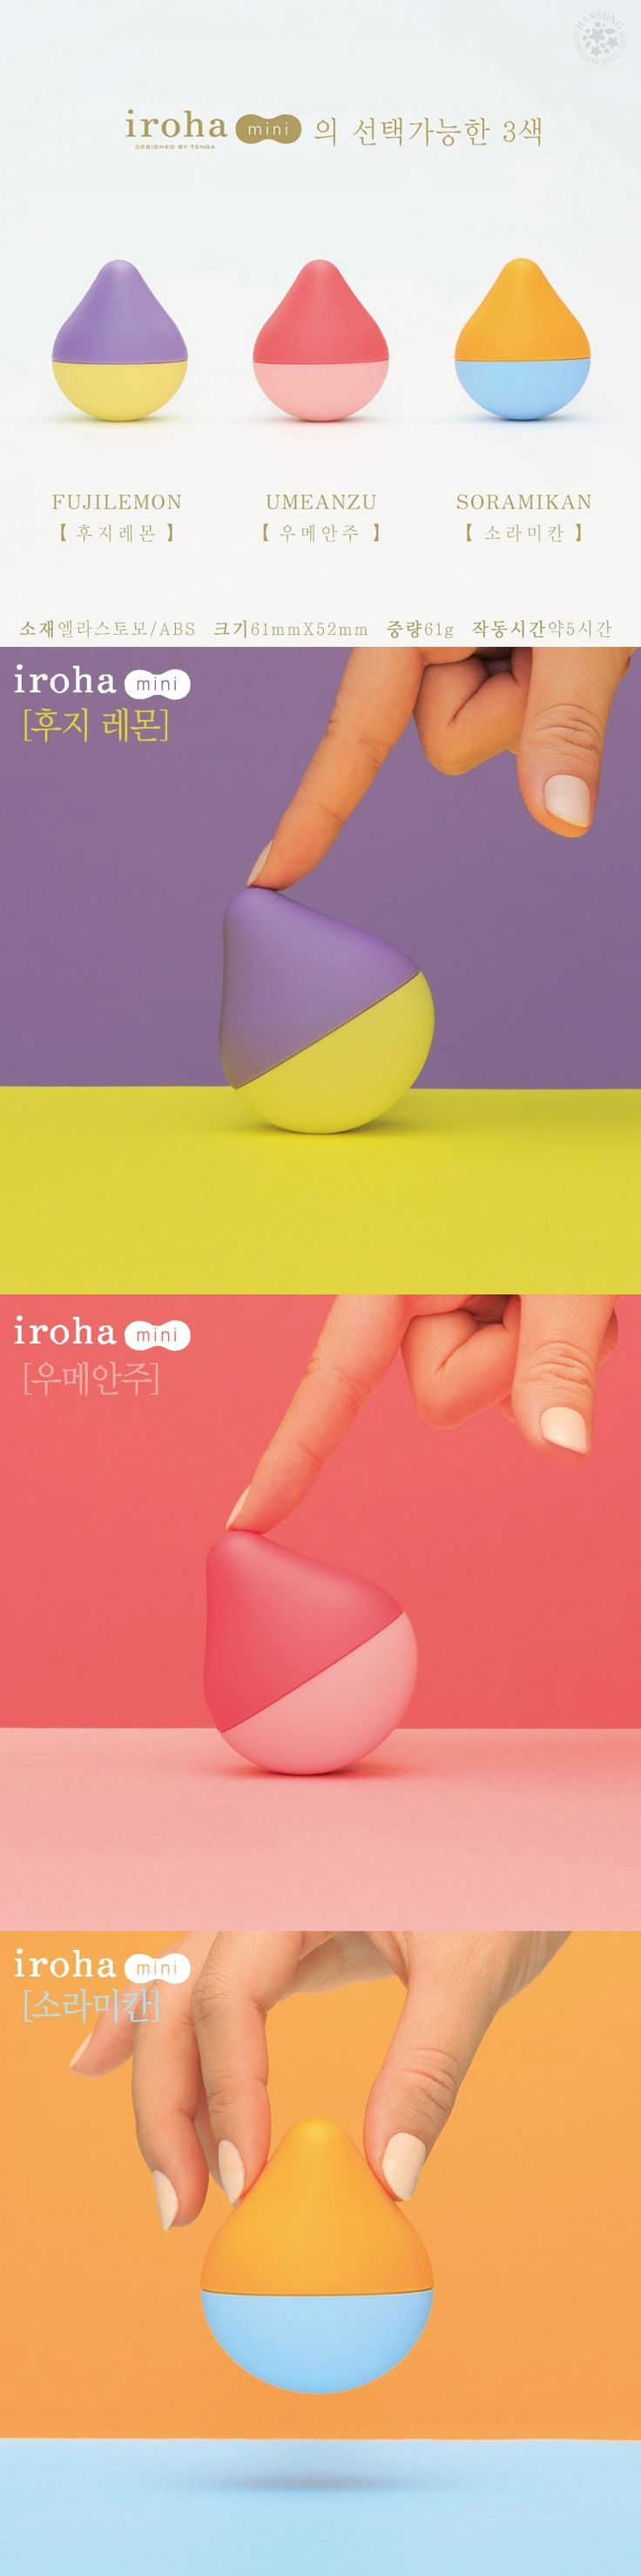 """출처:비비안하우스닷컴 vivianhouse.com  텐가에서 만든 여자진동기 바이브레이터 """"이로하미니"""" 물방울 디자인♥♥♥♥♥ #텐가 #여자진동기 #바이브레이터"""